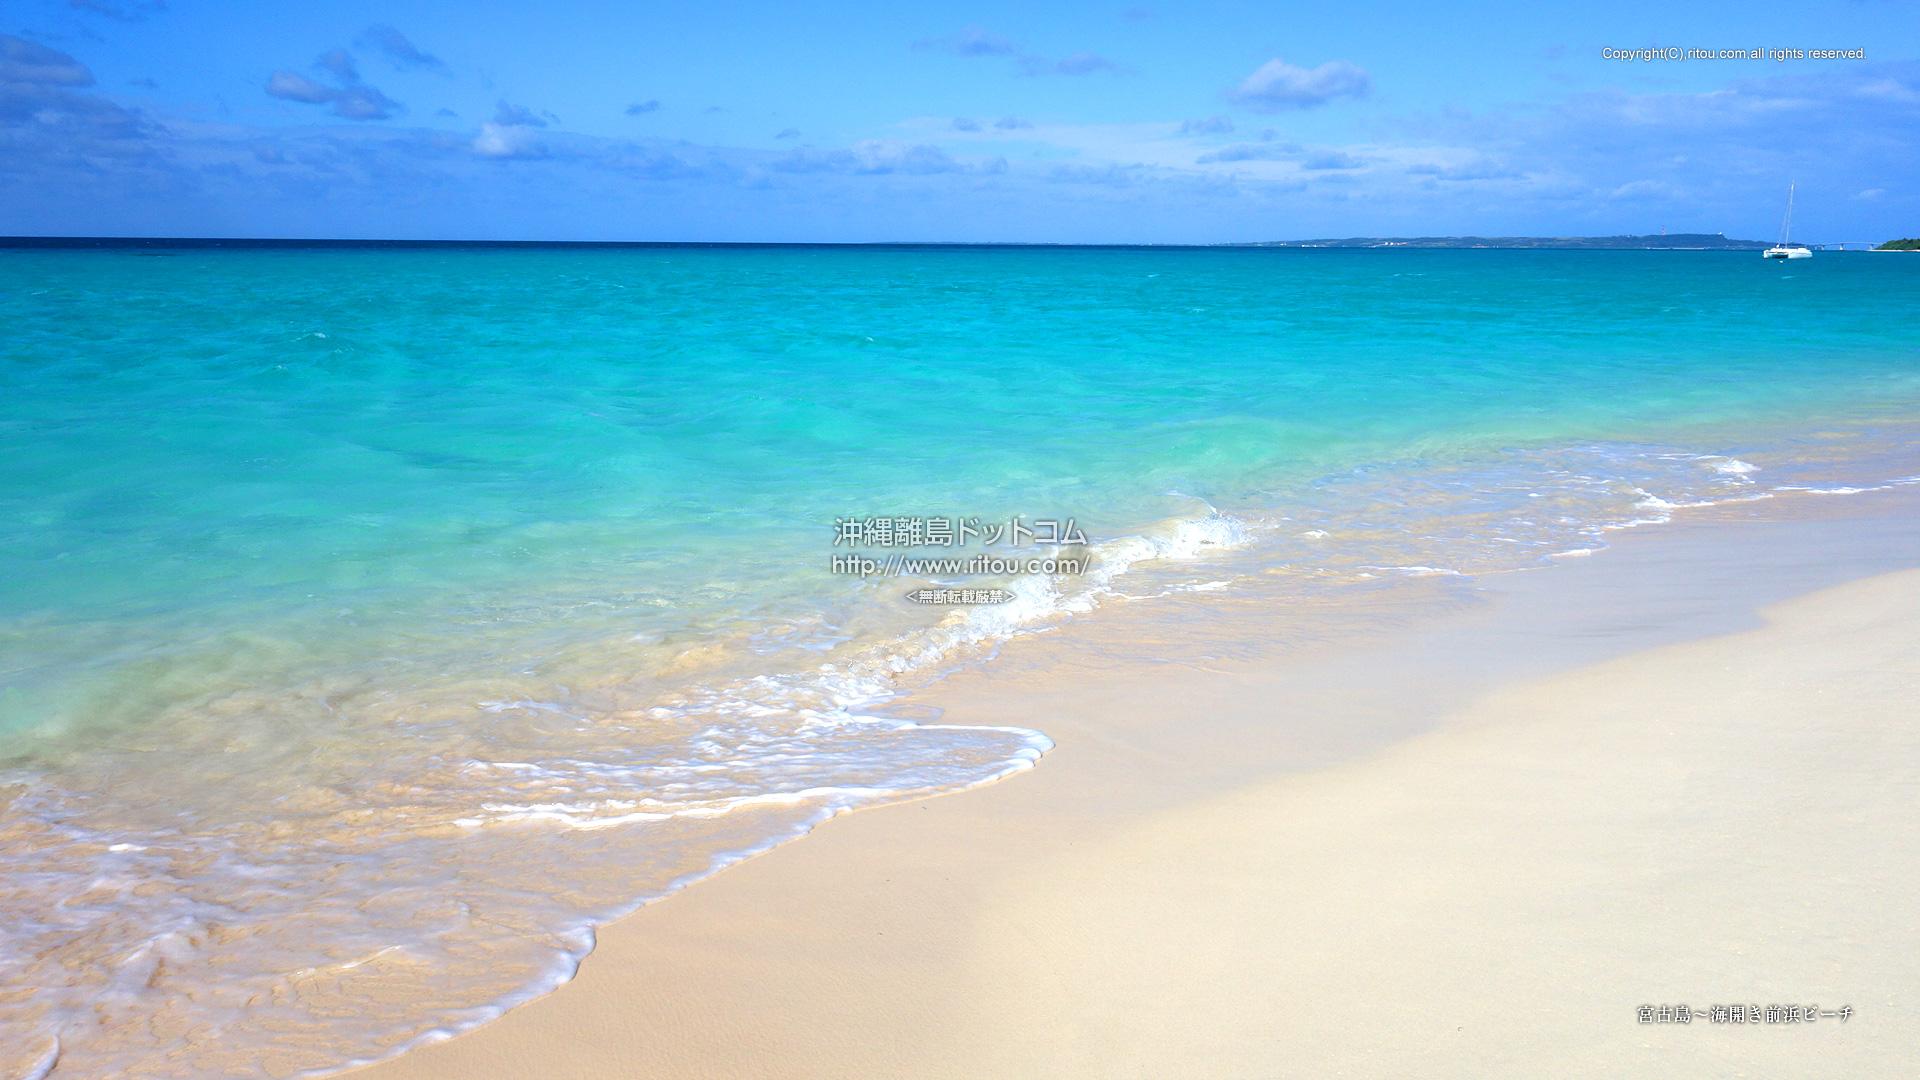 宮古島 海開き前浜ビーチ 沖縄離島の壁紙